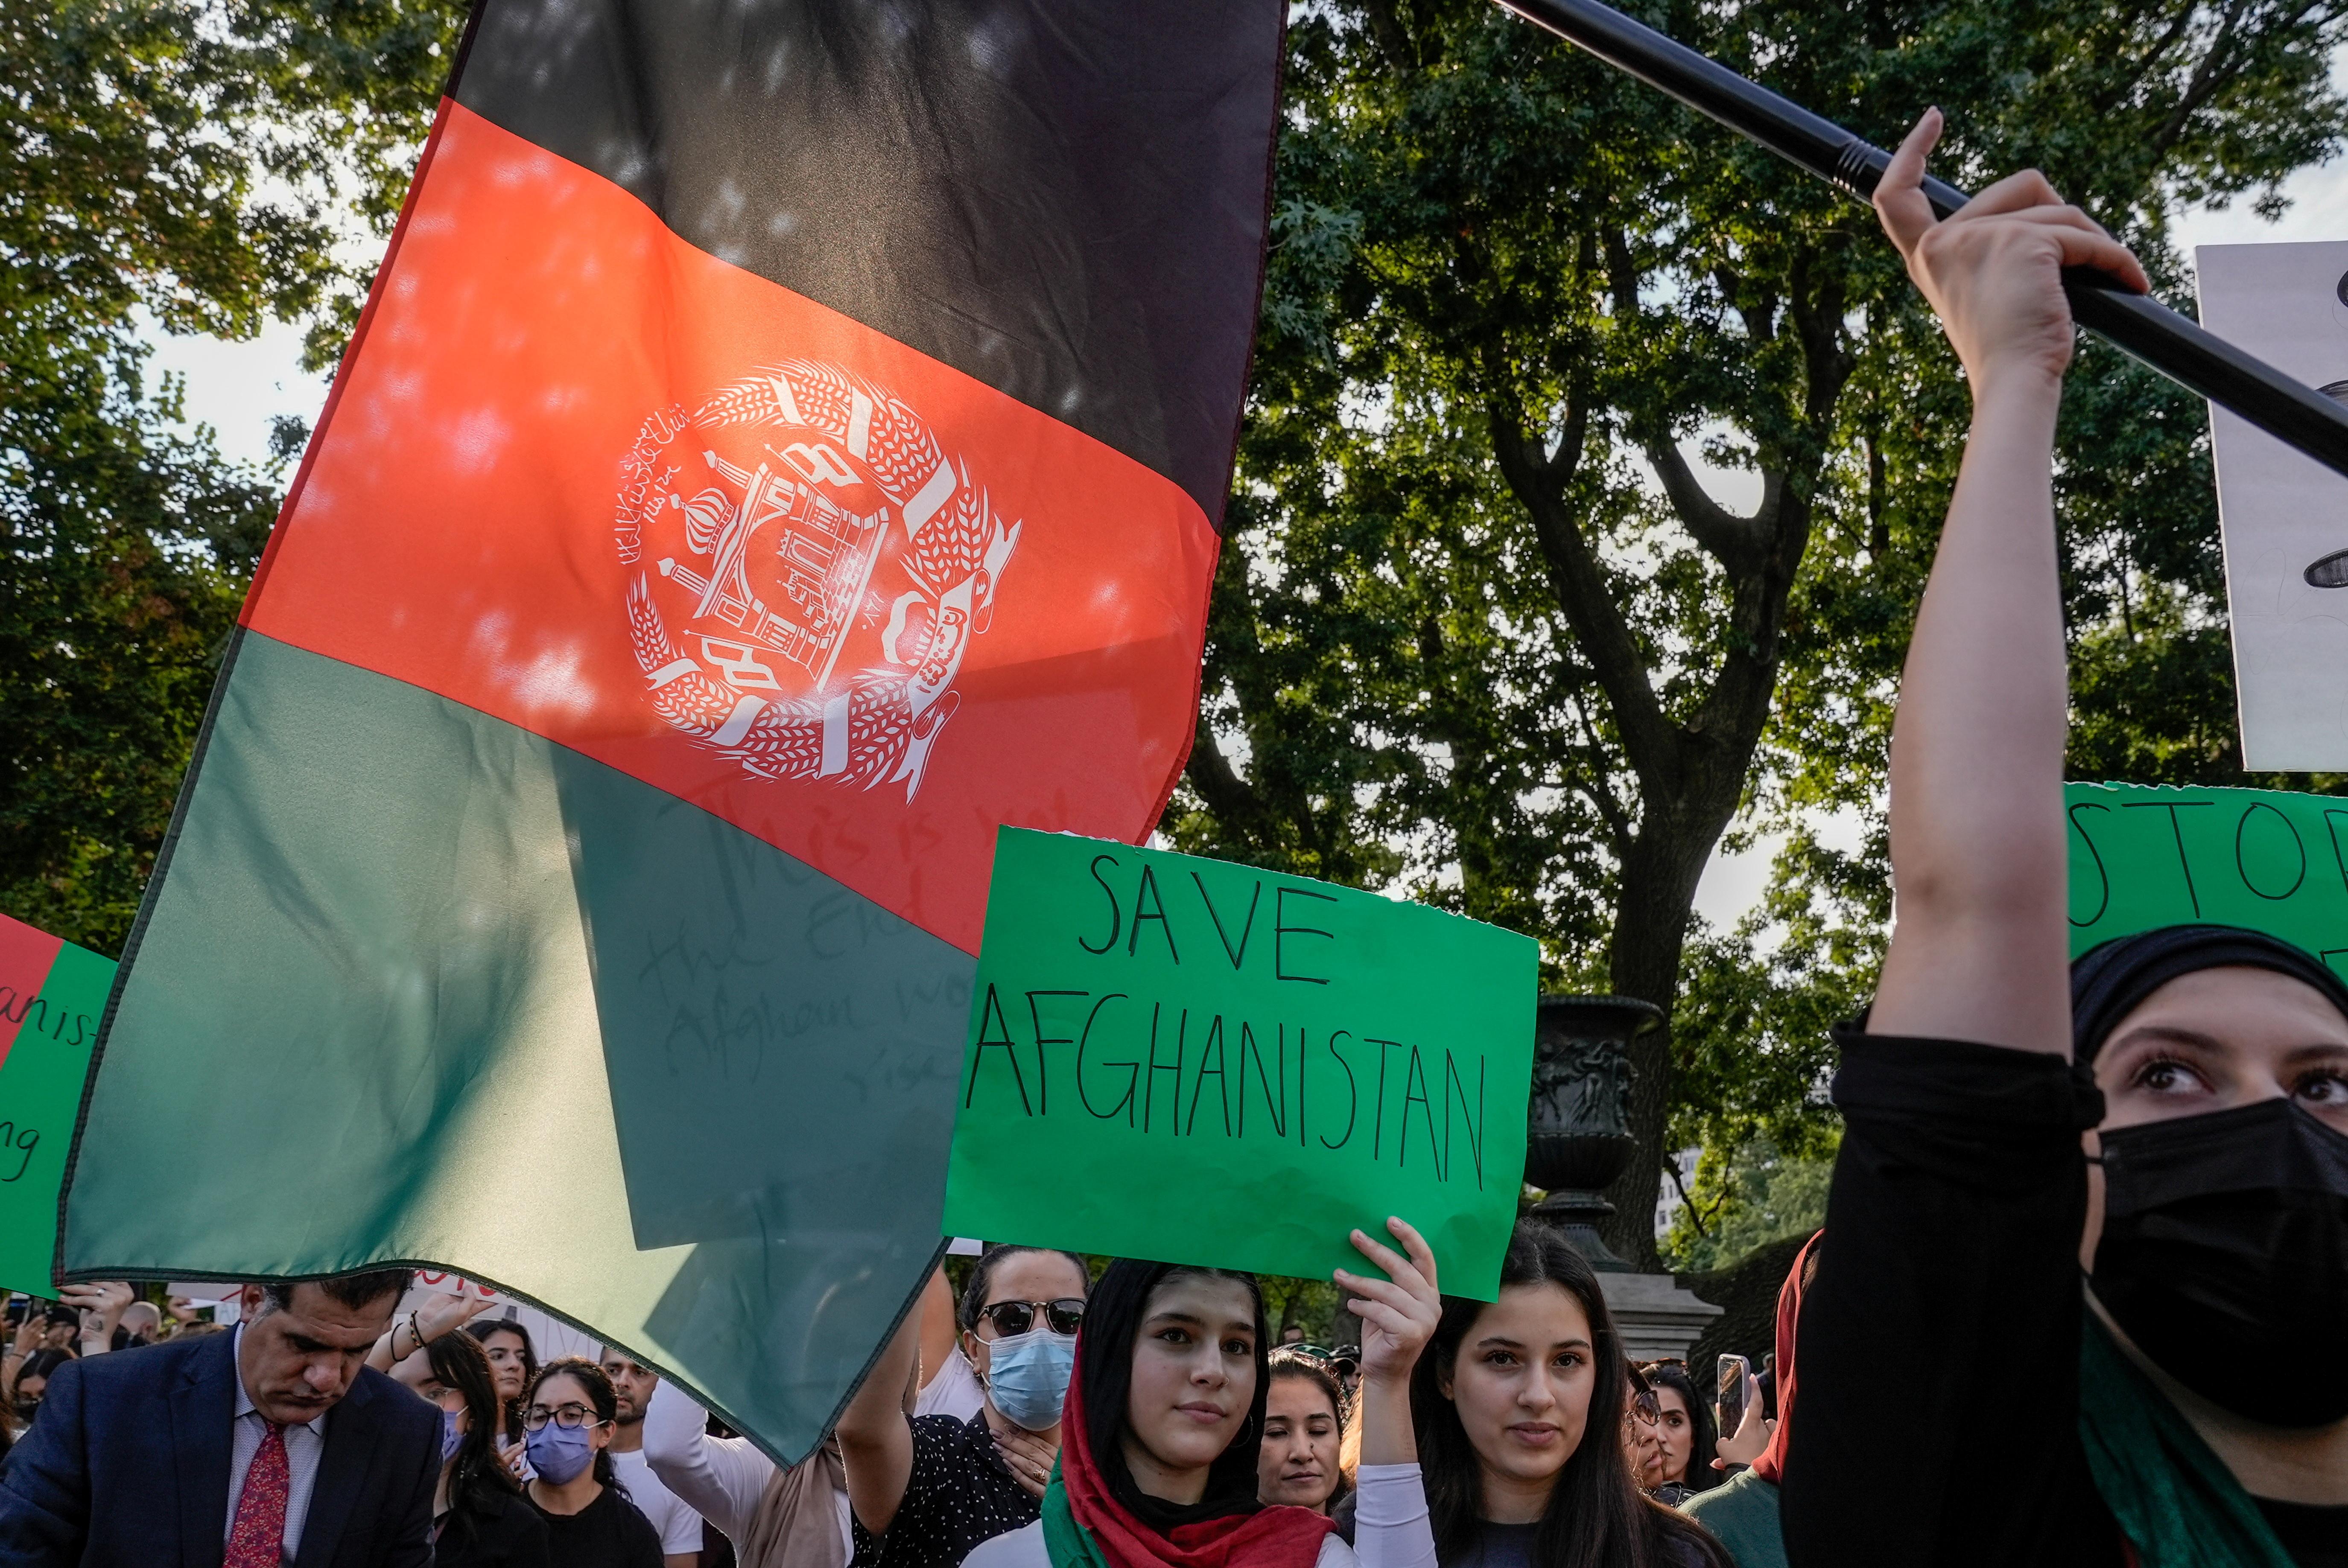 阿富汗,塔利班,喀布爾,戰爭,中東政治,拜登,台灣,美國,中國,蘇聯,賓拉登,歷史,新疆,伊朗,俄羅斯,聖戰士